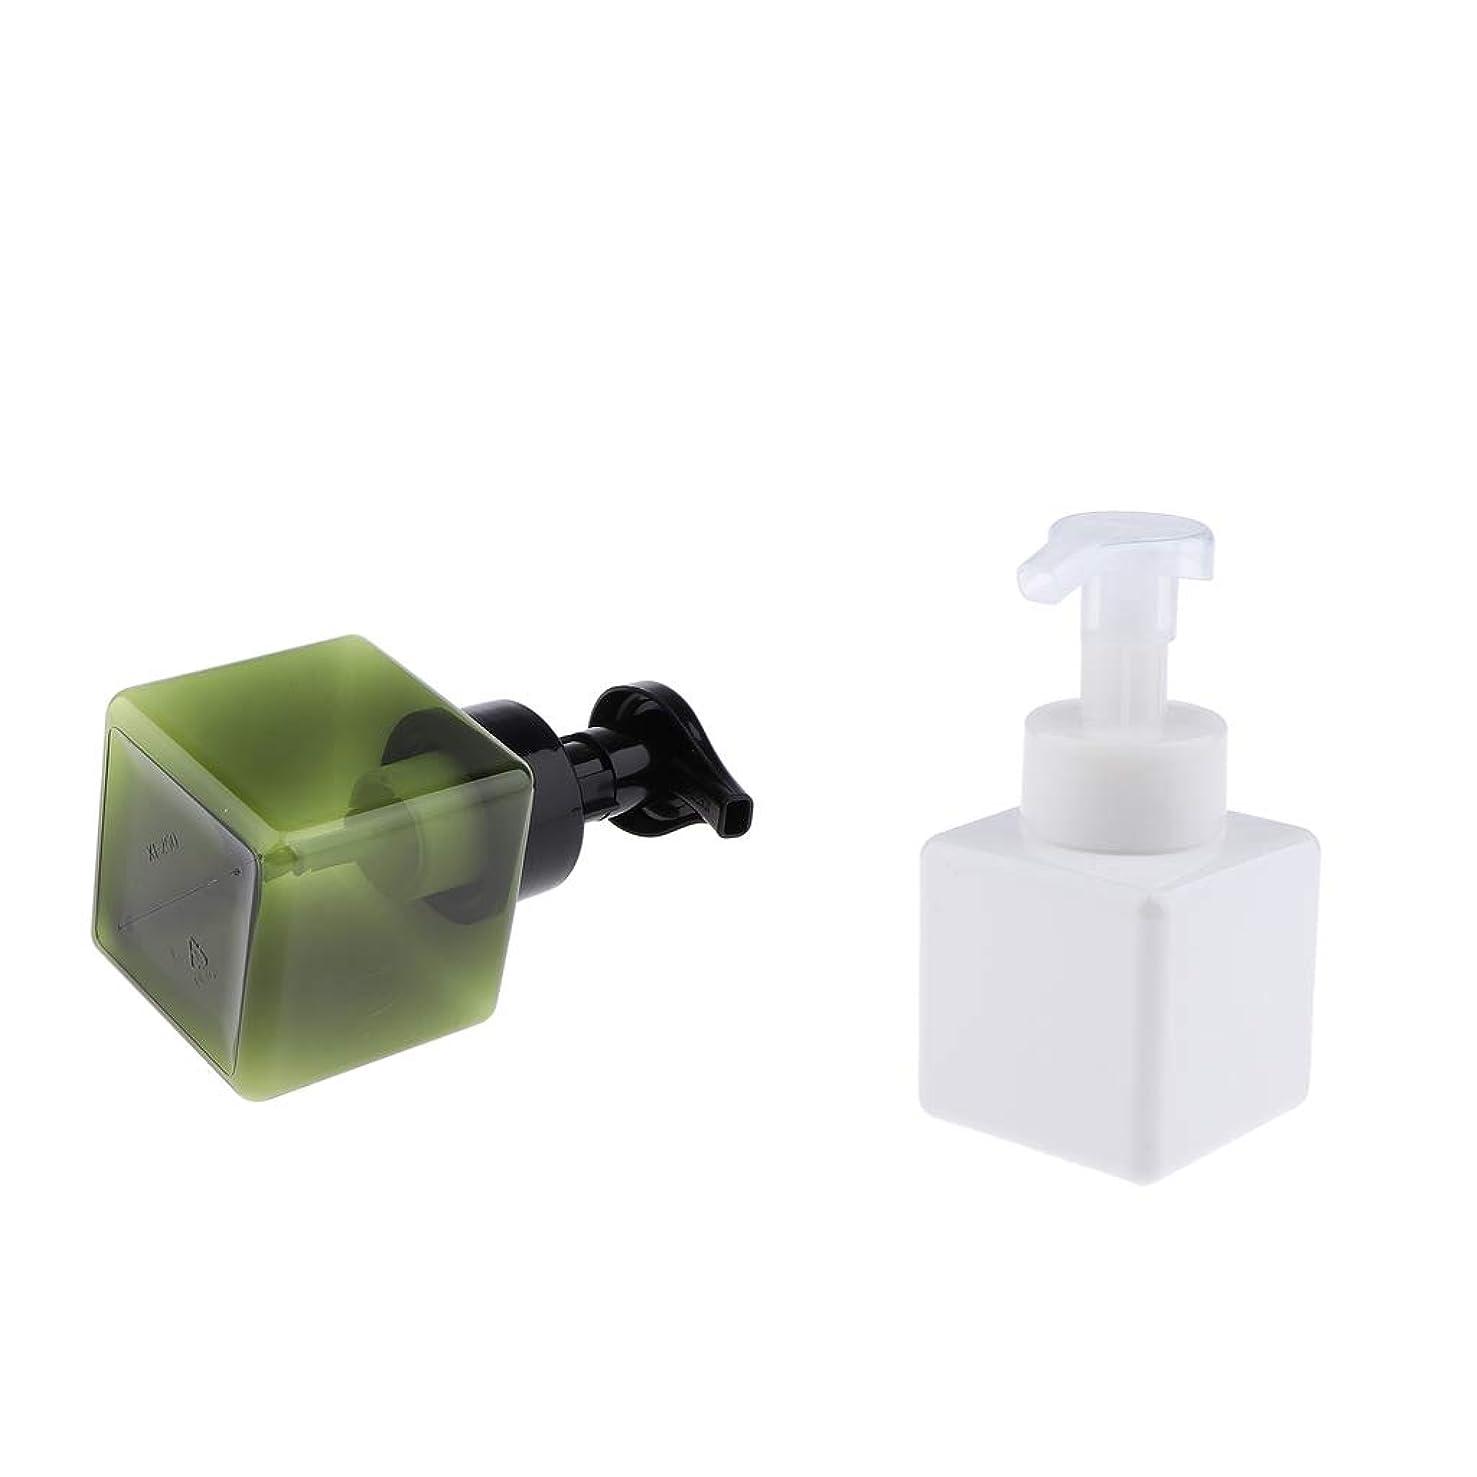 カヌー自動的にオフェンスCUTICATE 泡ボトル 携帯用 洗剤用詰め替え容器 約250ミリリットル 泡ハンドソープ ボディソープ 洗顔フォーム